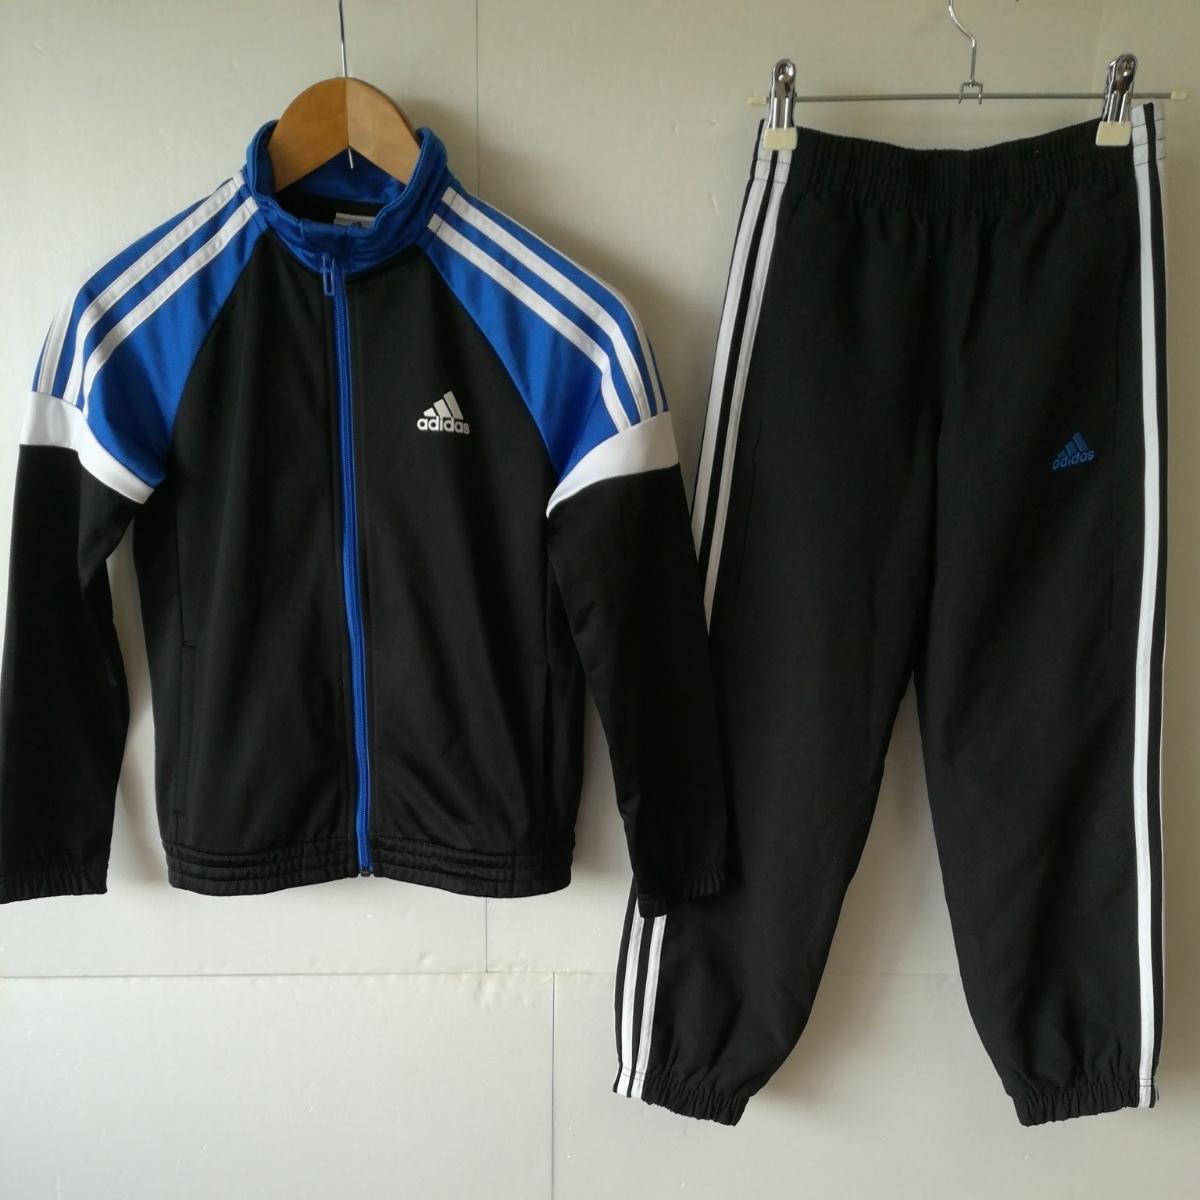 【一円】adidas アディダス ジャージ上着+スポーツウェアパンツ キッズ140/130サイズ 子供用